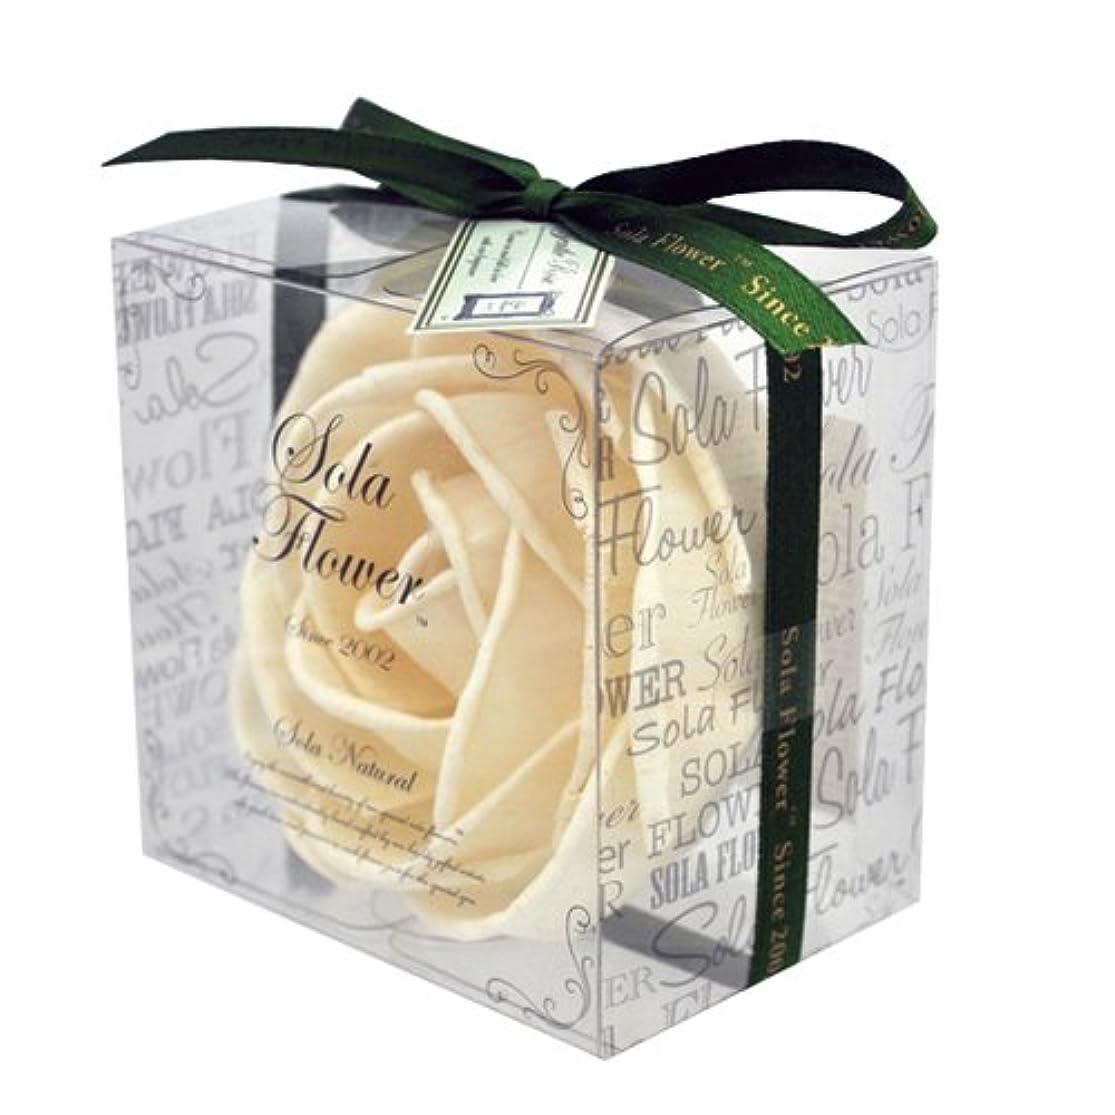 価値願望鰐new Sola Flower ソラフラワー ナチュラル Gentle Rose ジェントルローズ Natural